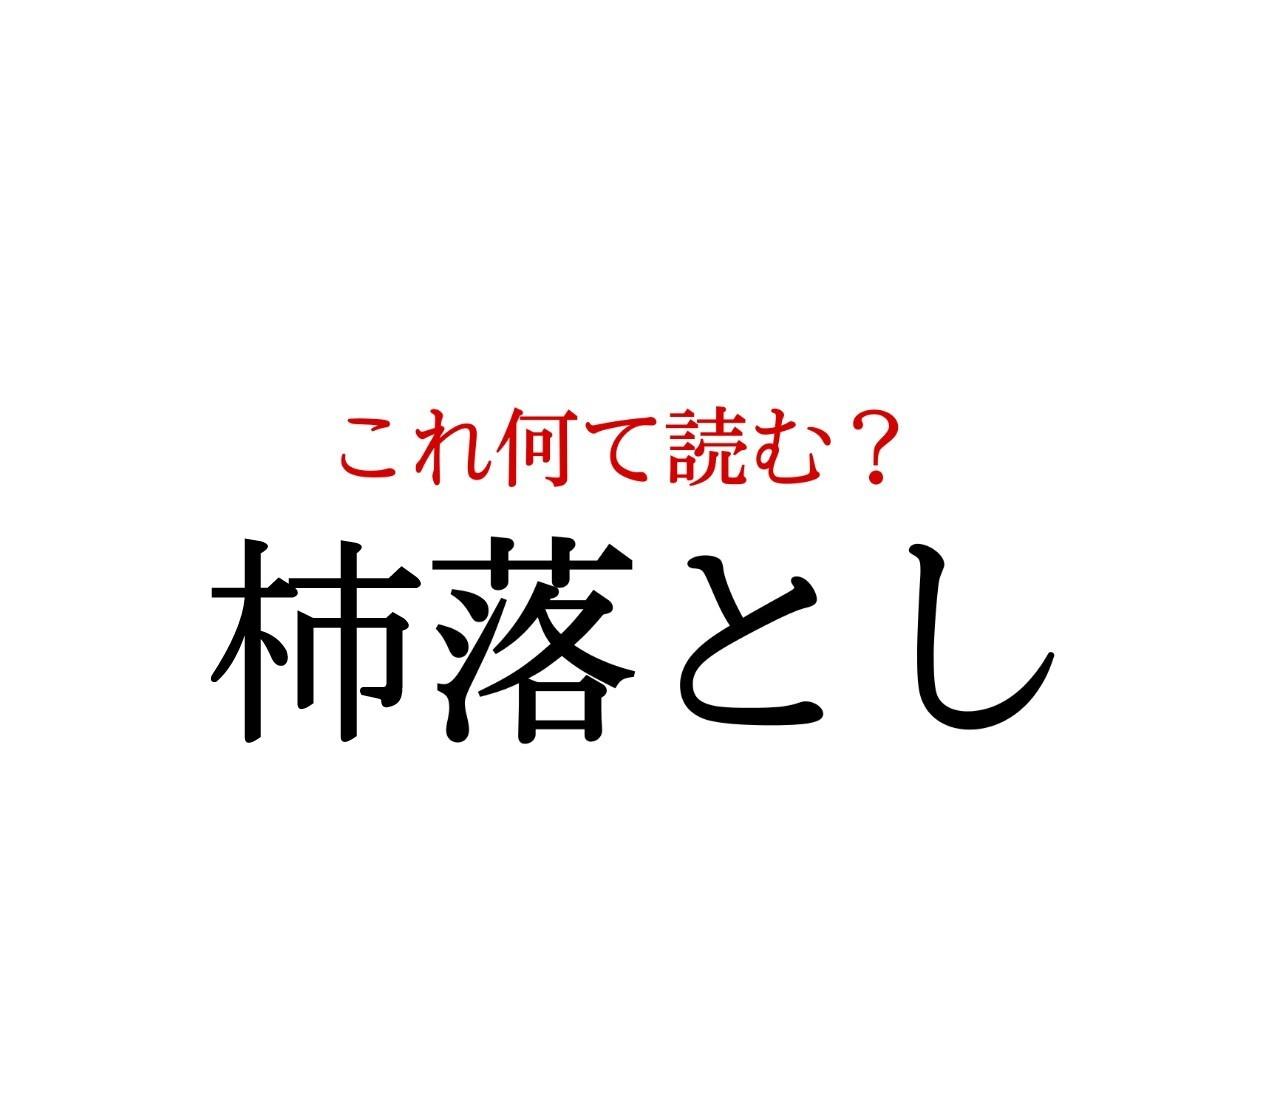 「杮落とし」:この漢字、自信を持って読めますか?【働く大人の漢字クイズvol.197】